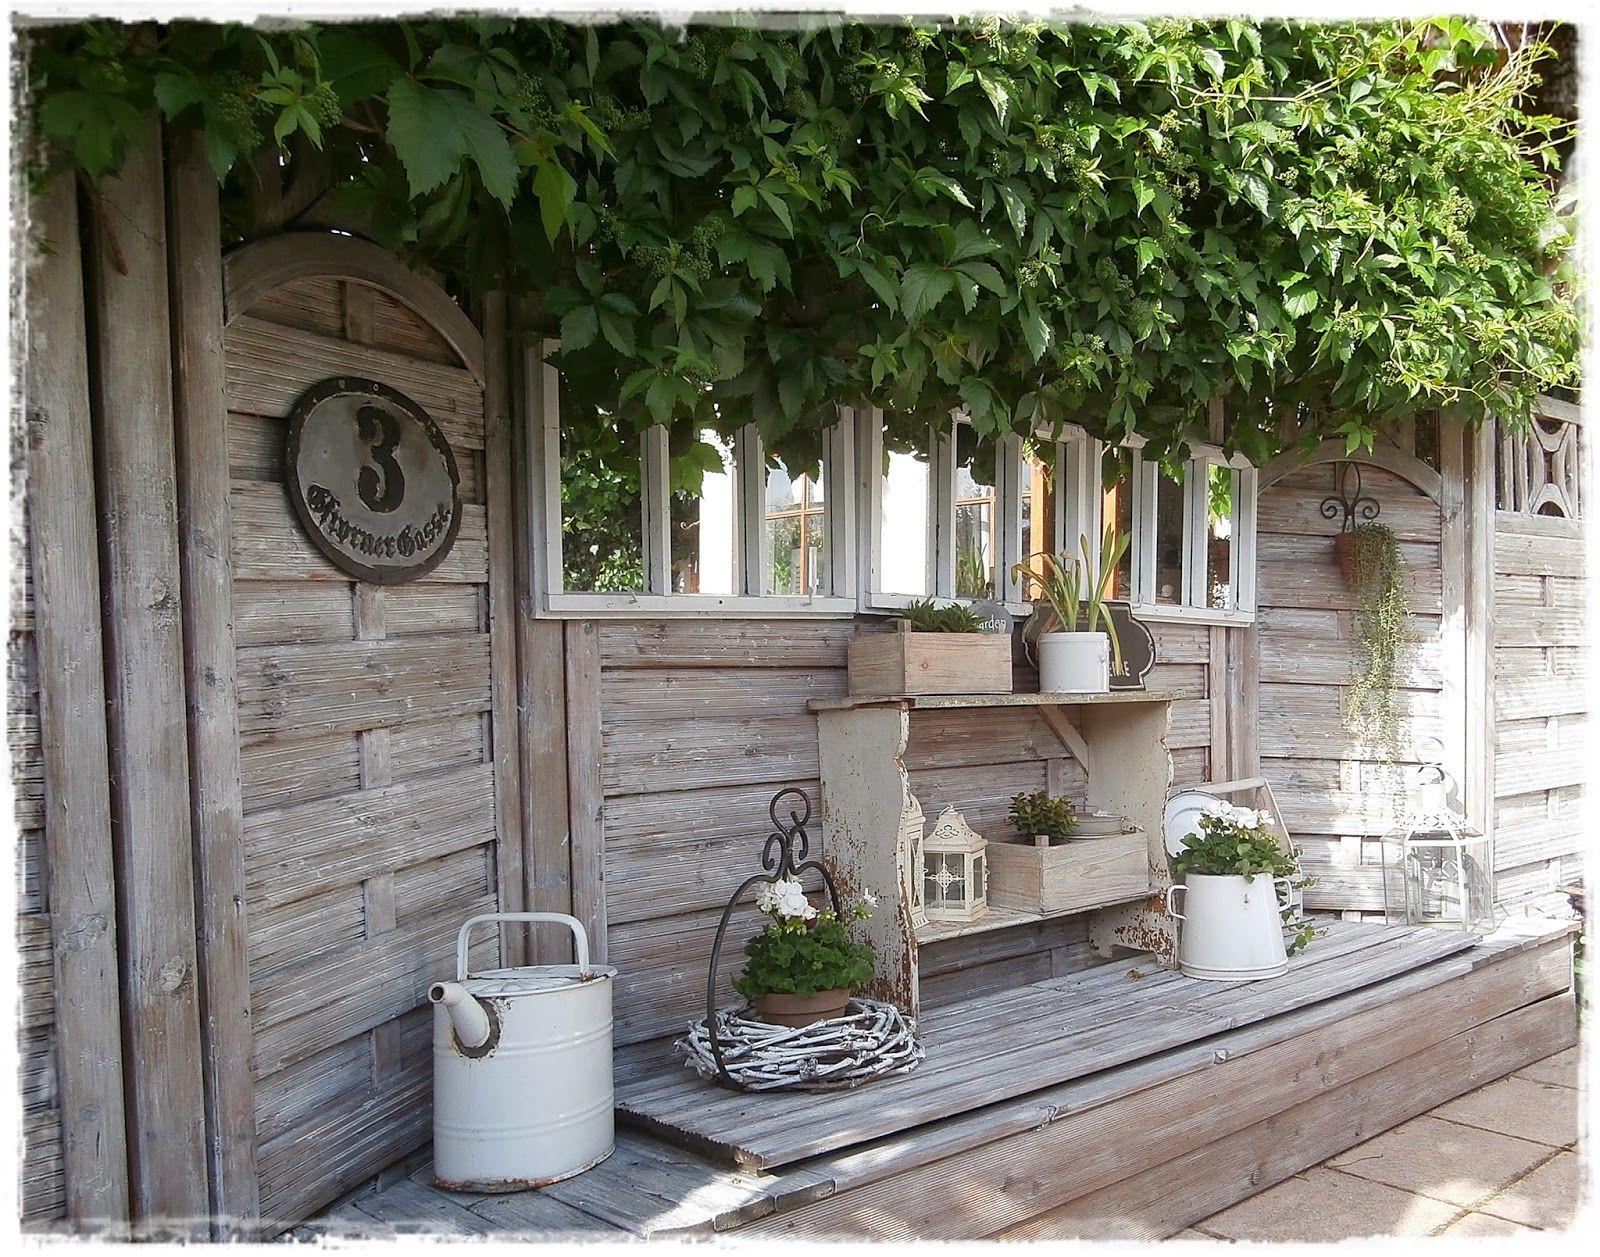 Shabby Landhaus Vorher Nacher Garten Laube Gartenlaube Gartendekoration Garten